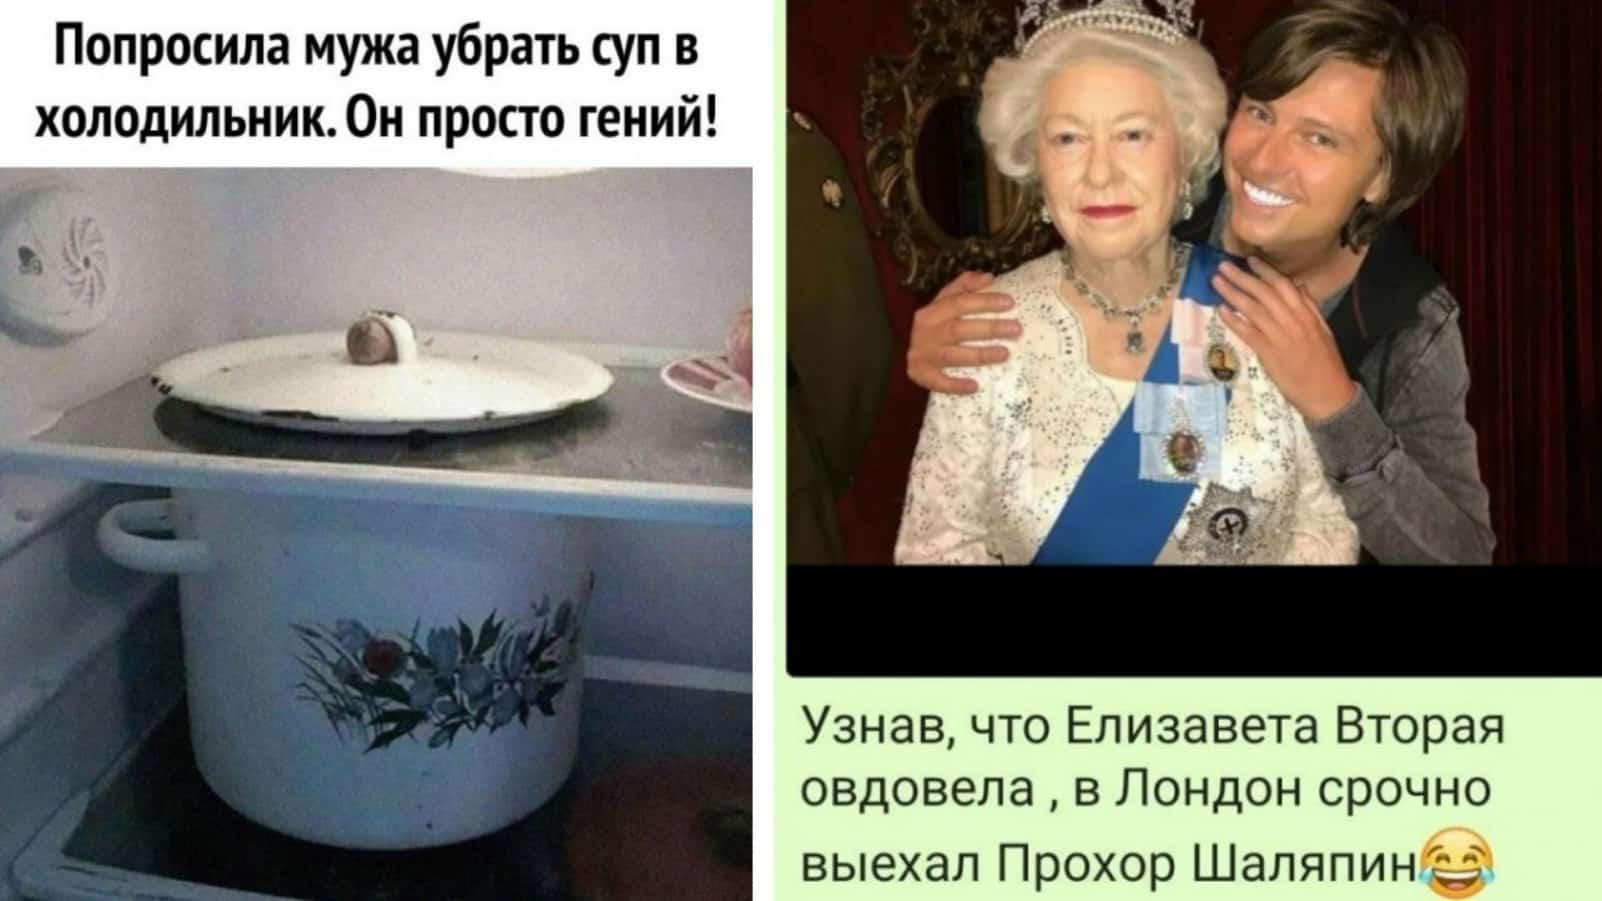 Немного свежих фото приколов и Прохор Шаляпин